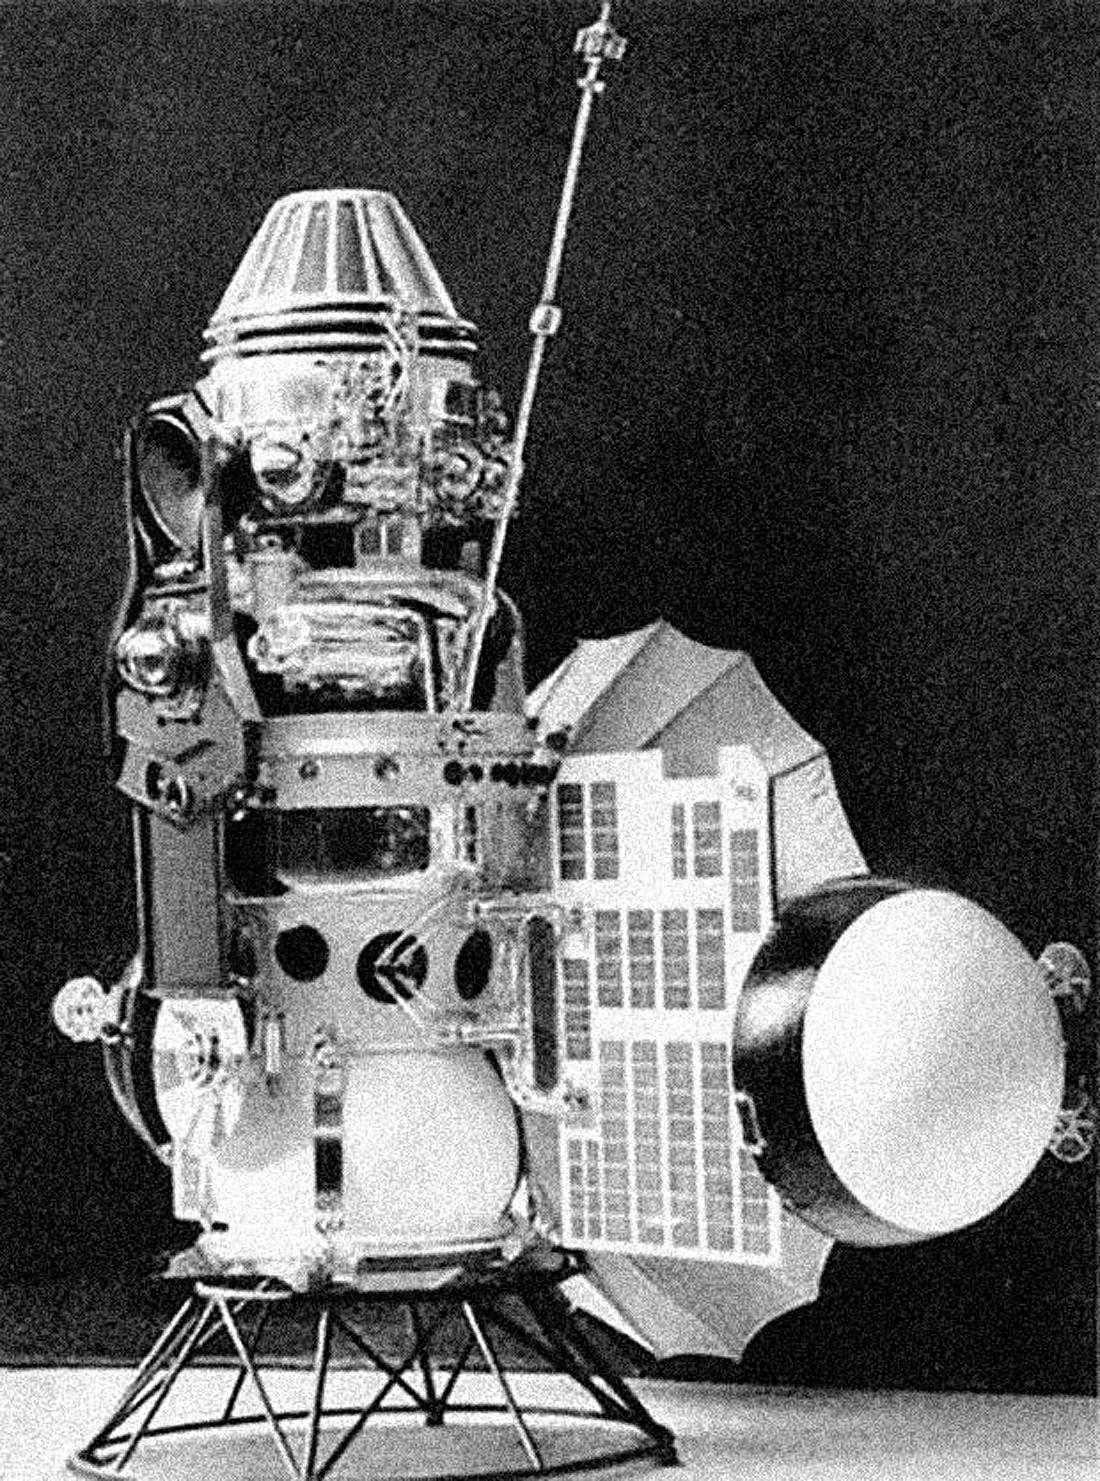 Venera-3